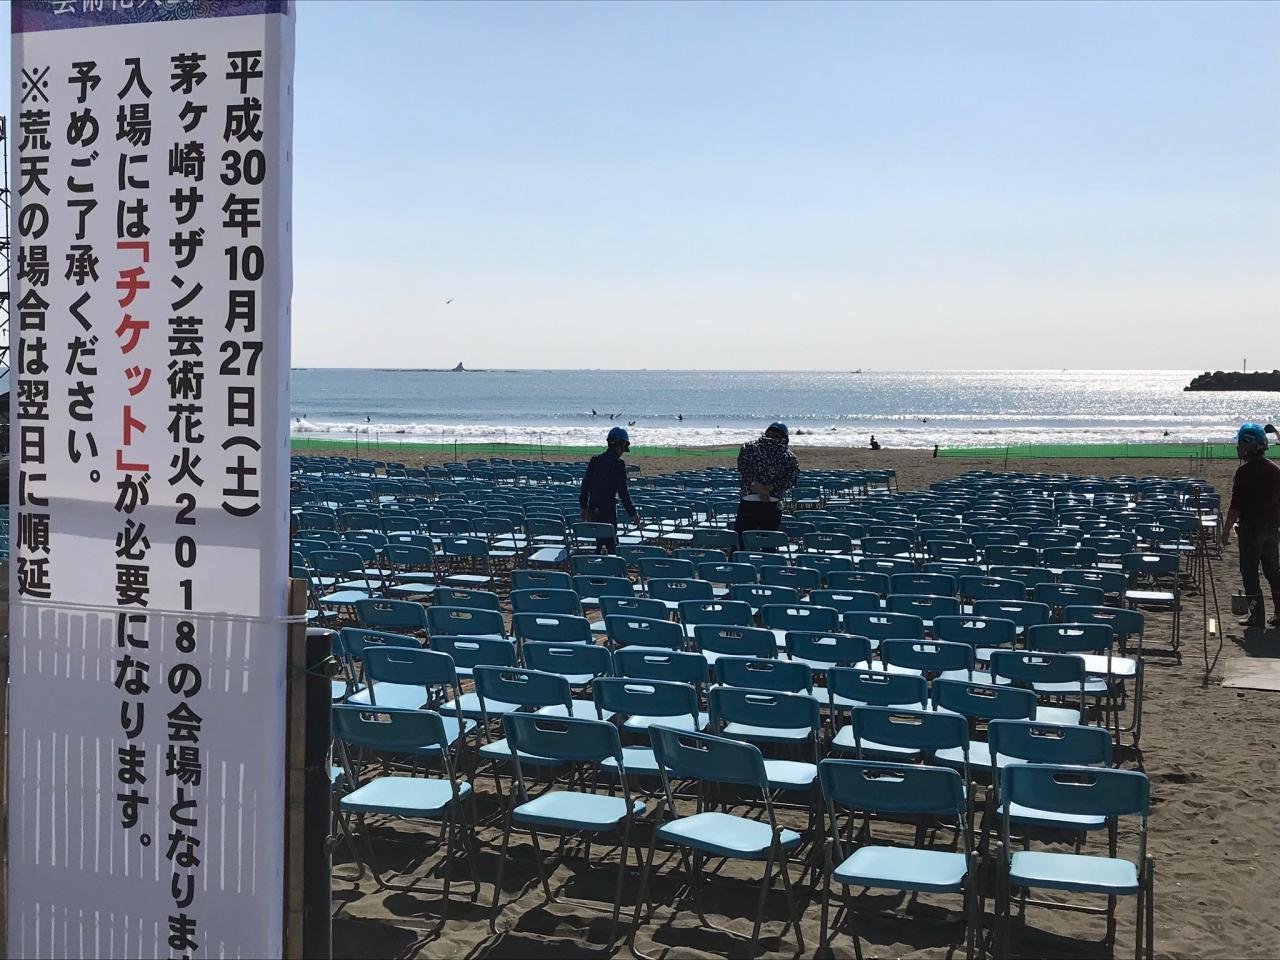 サザン 花火 大会 チケット